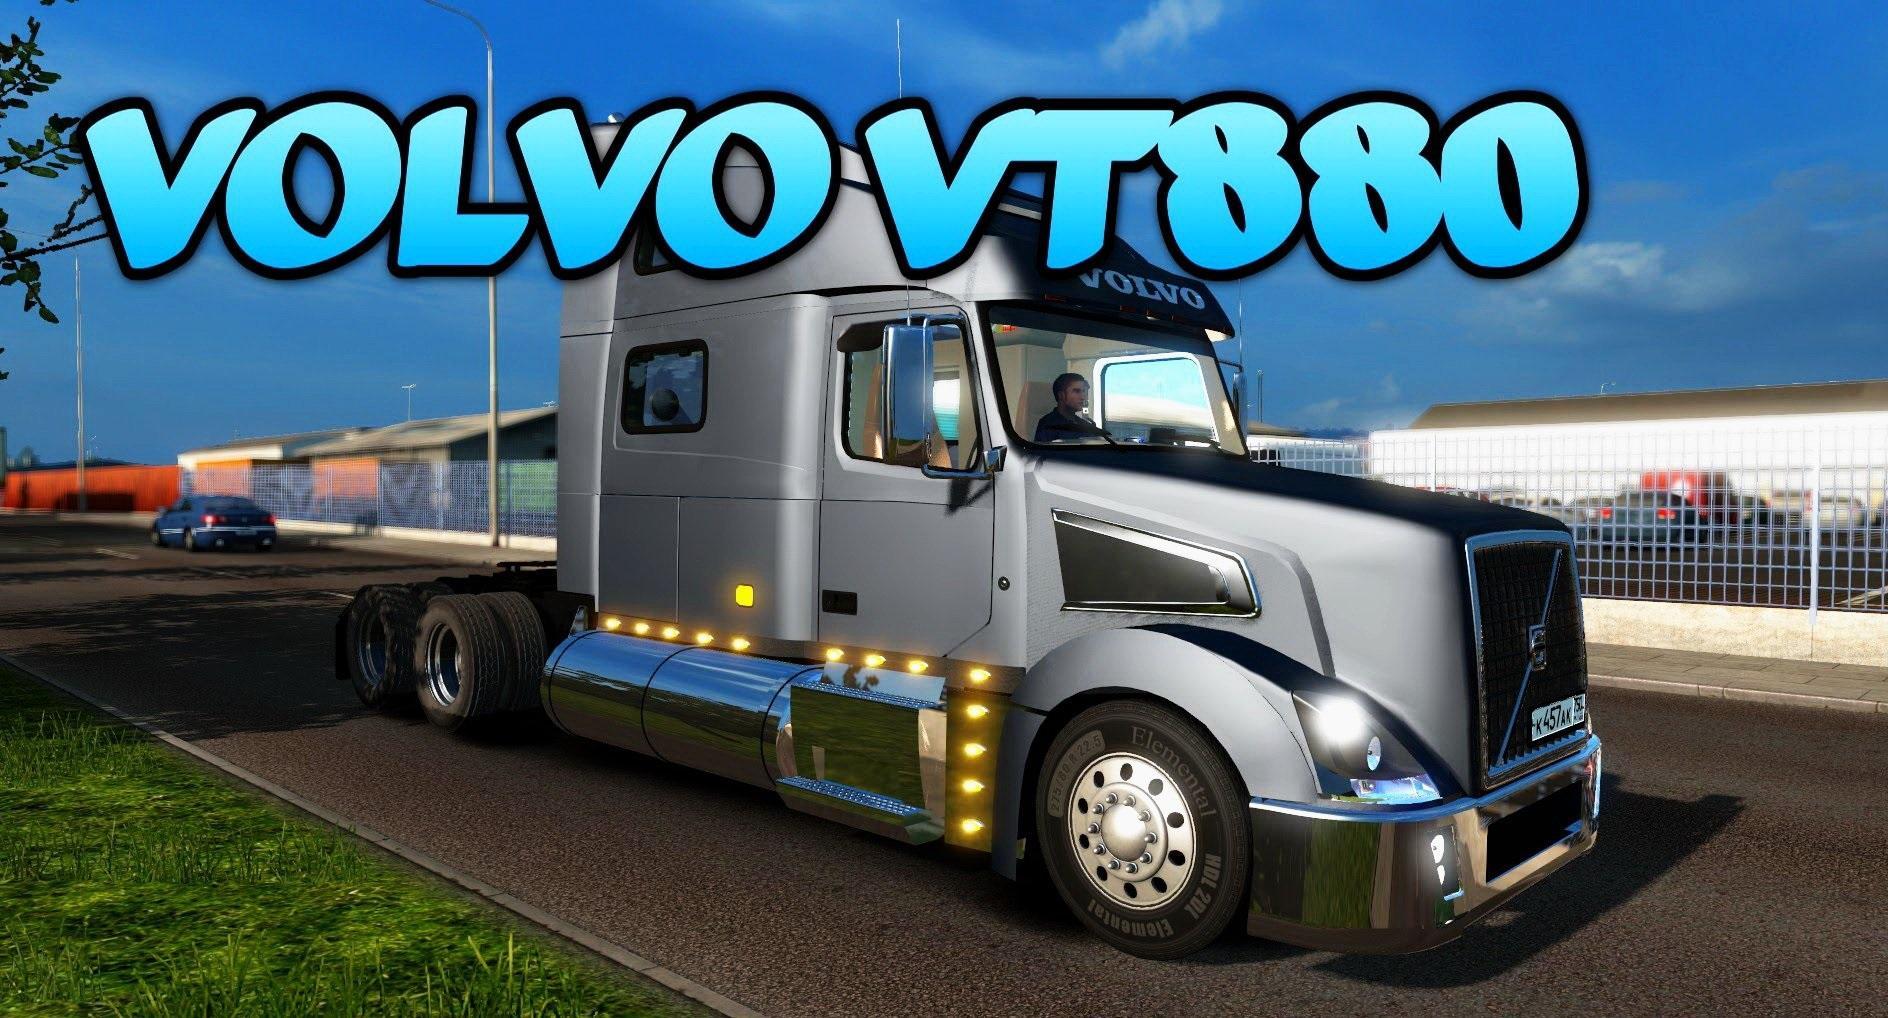 volvo-vt880-2-2_1